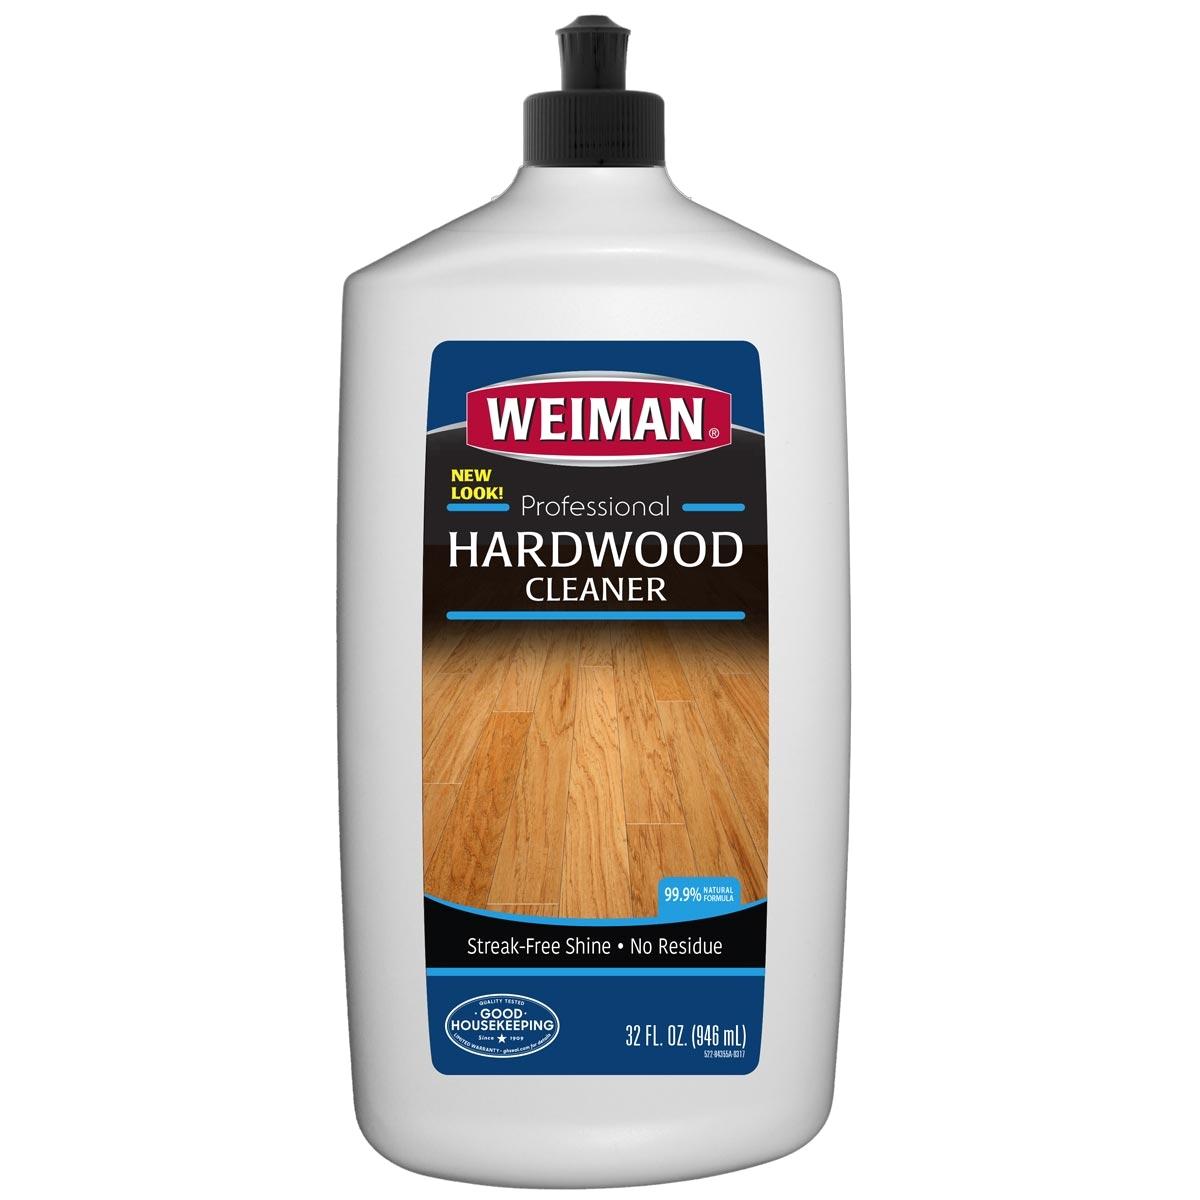 Weiman Hardwood Floor Cleaner Sds Hardwood Floor Cleaner Weiman